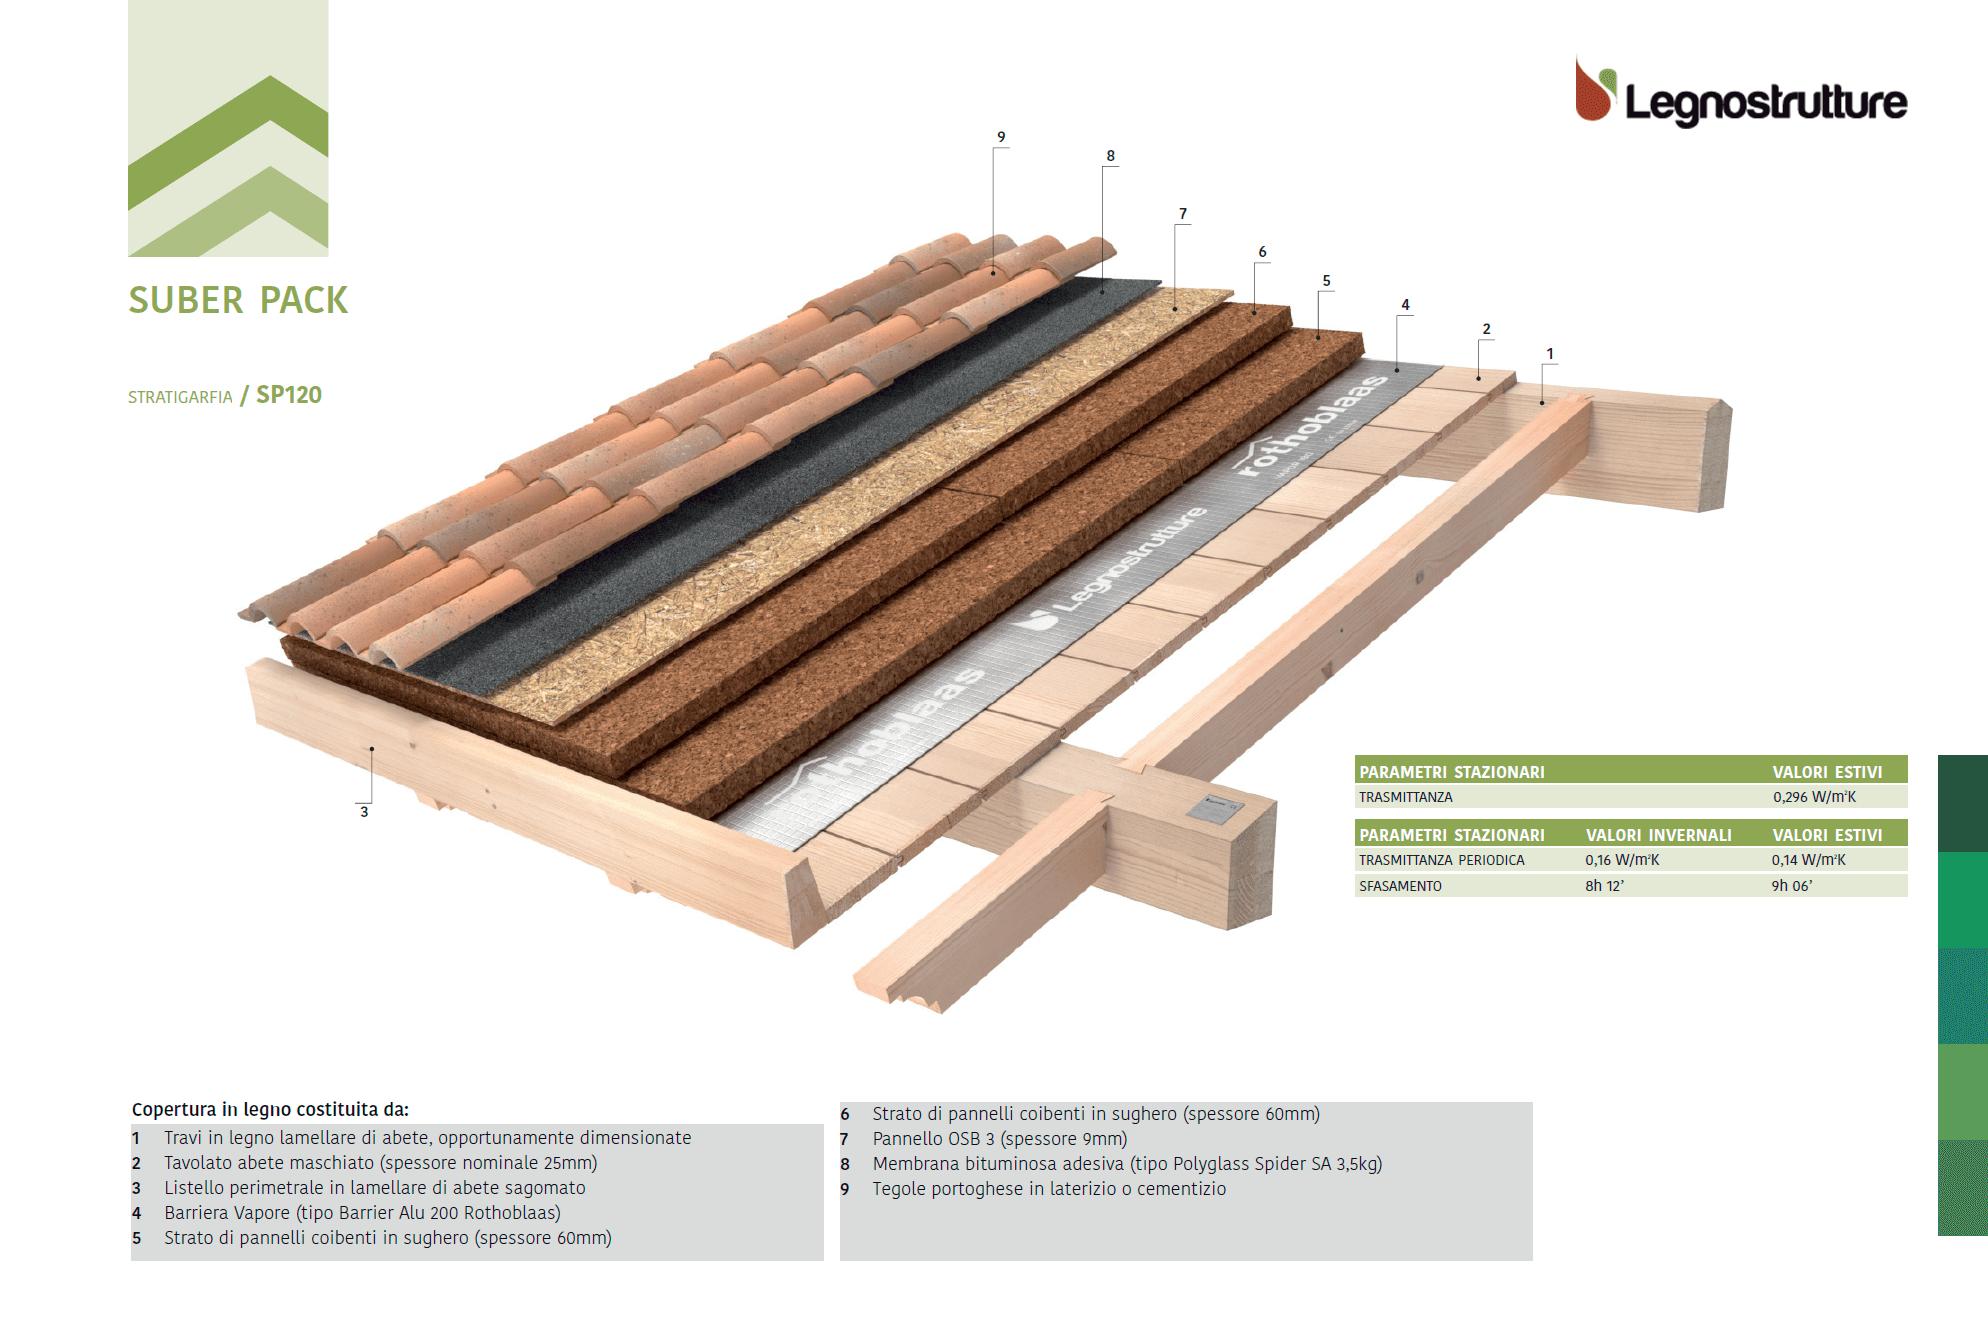 Stratigrafia tetto in legno Suber pack